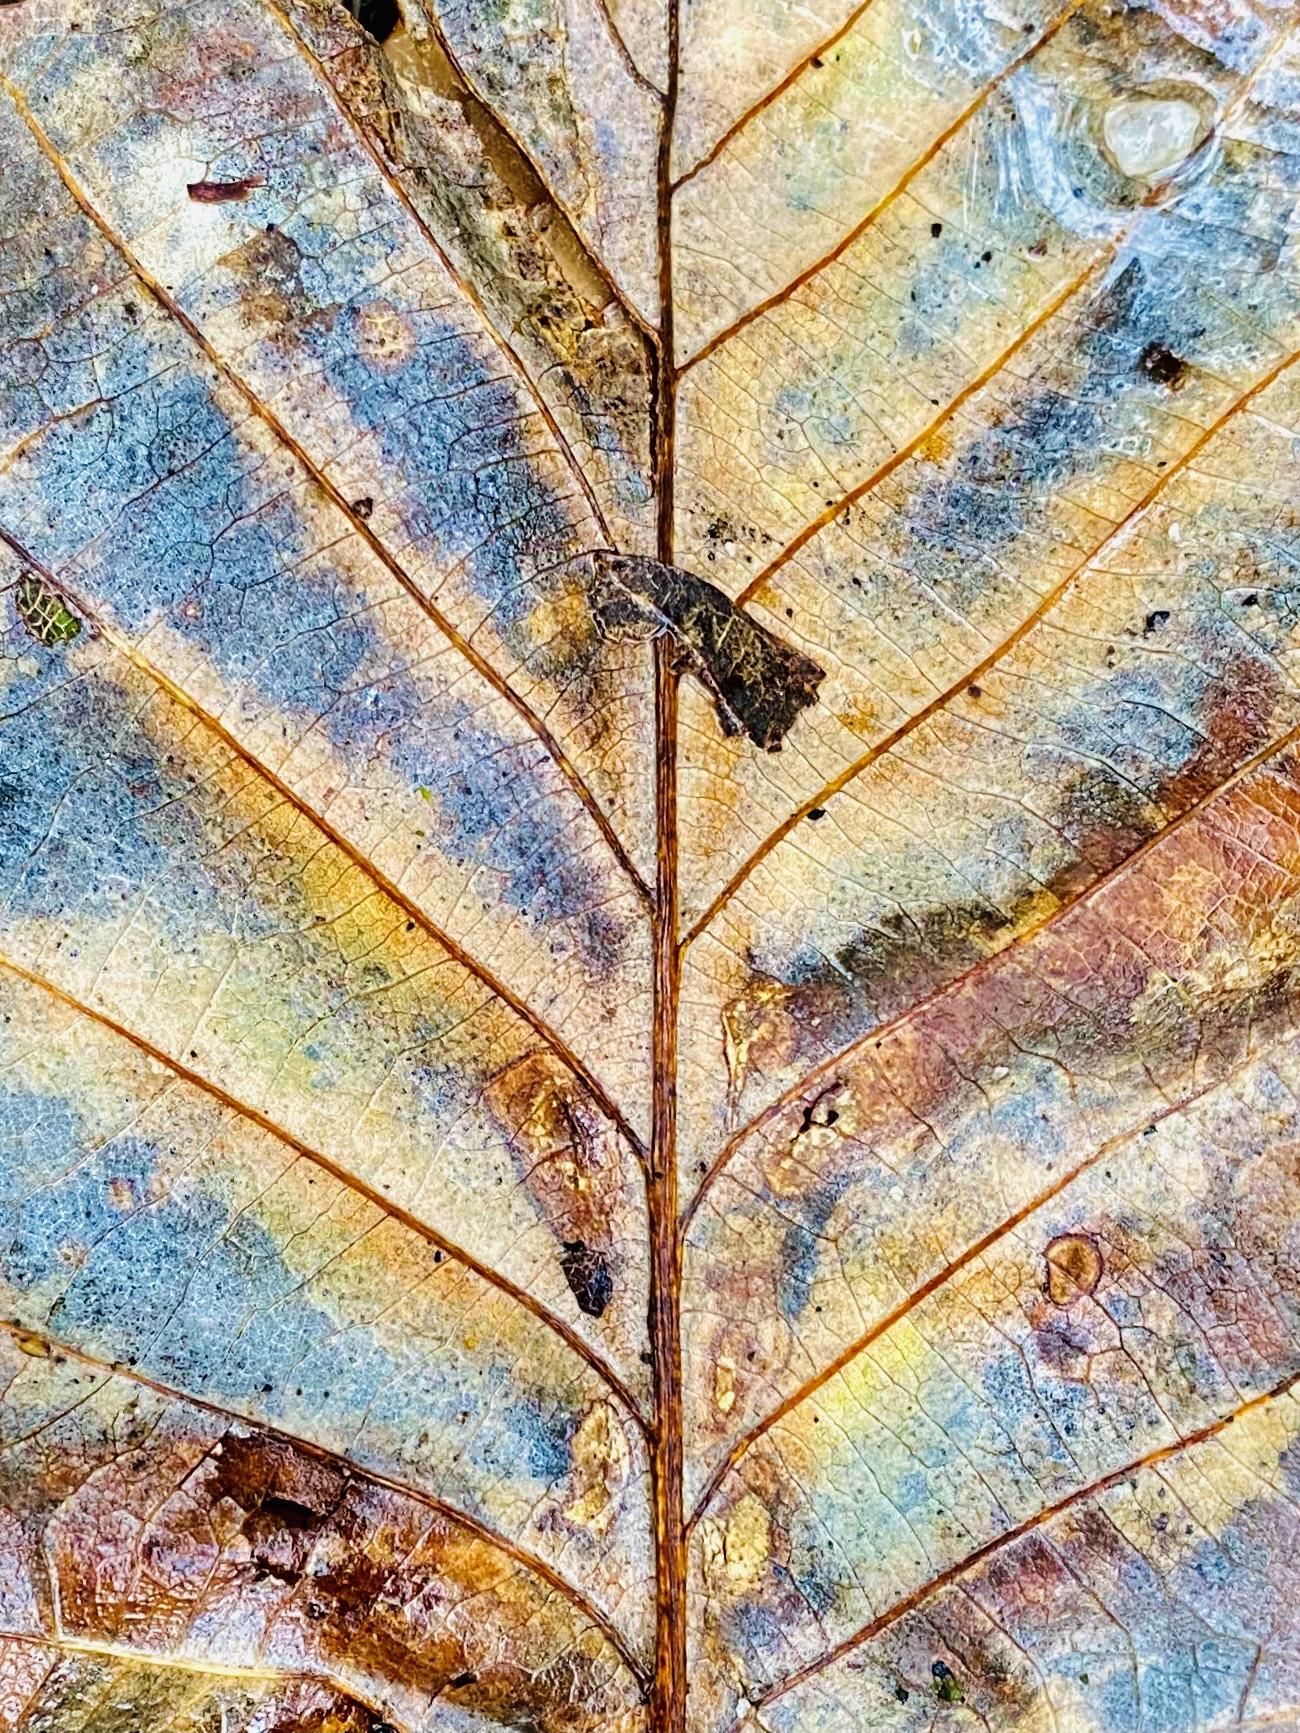 Treepeat